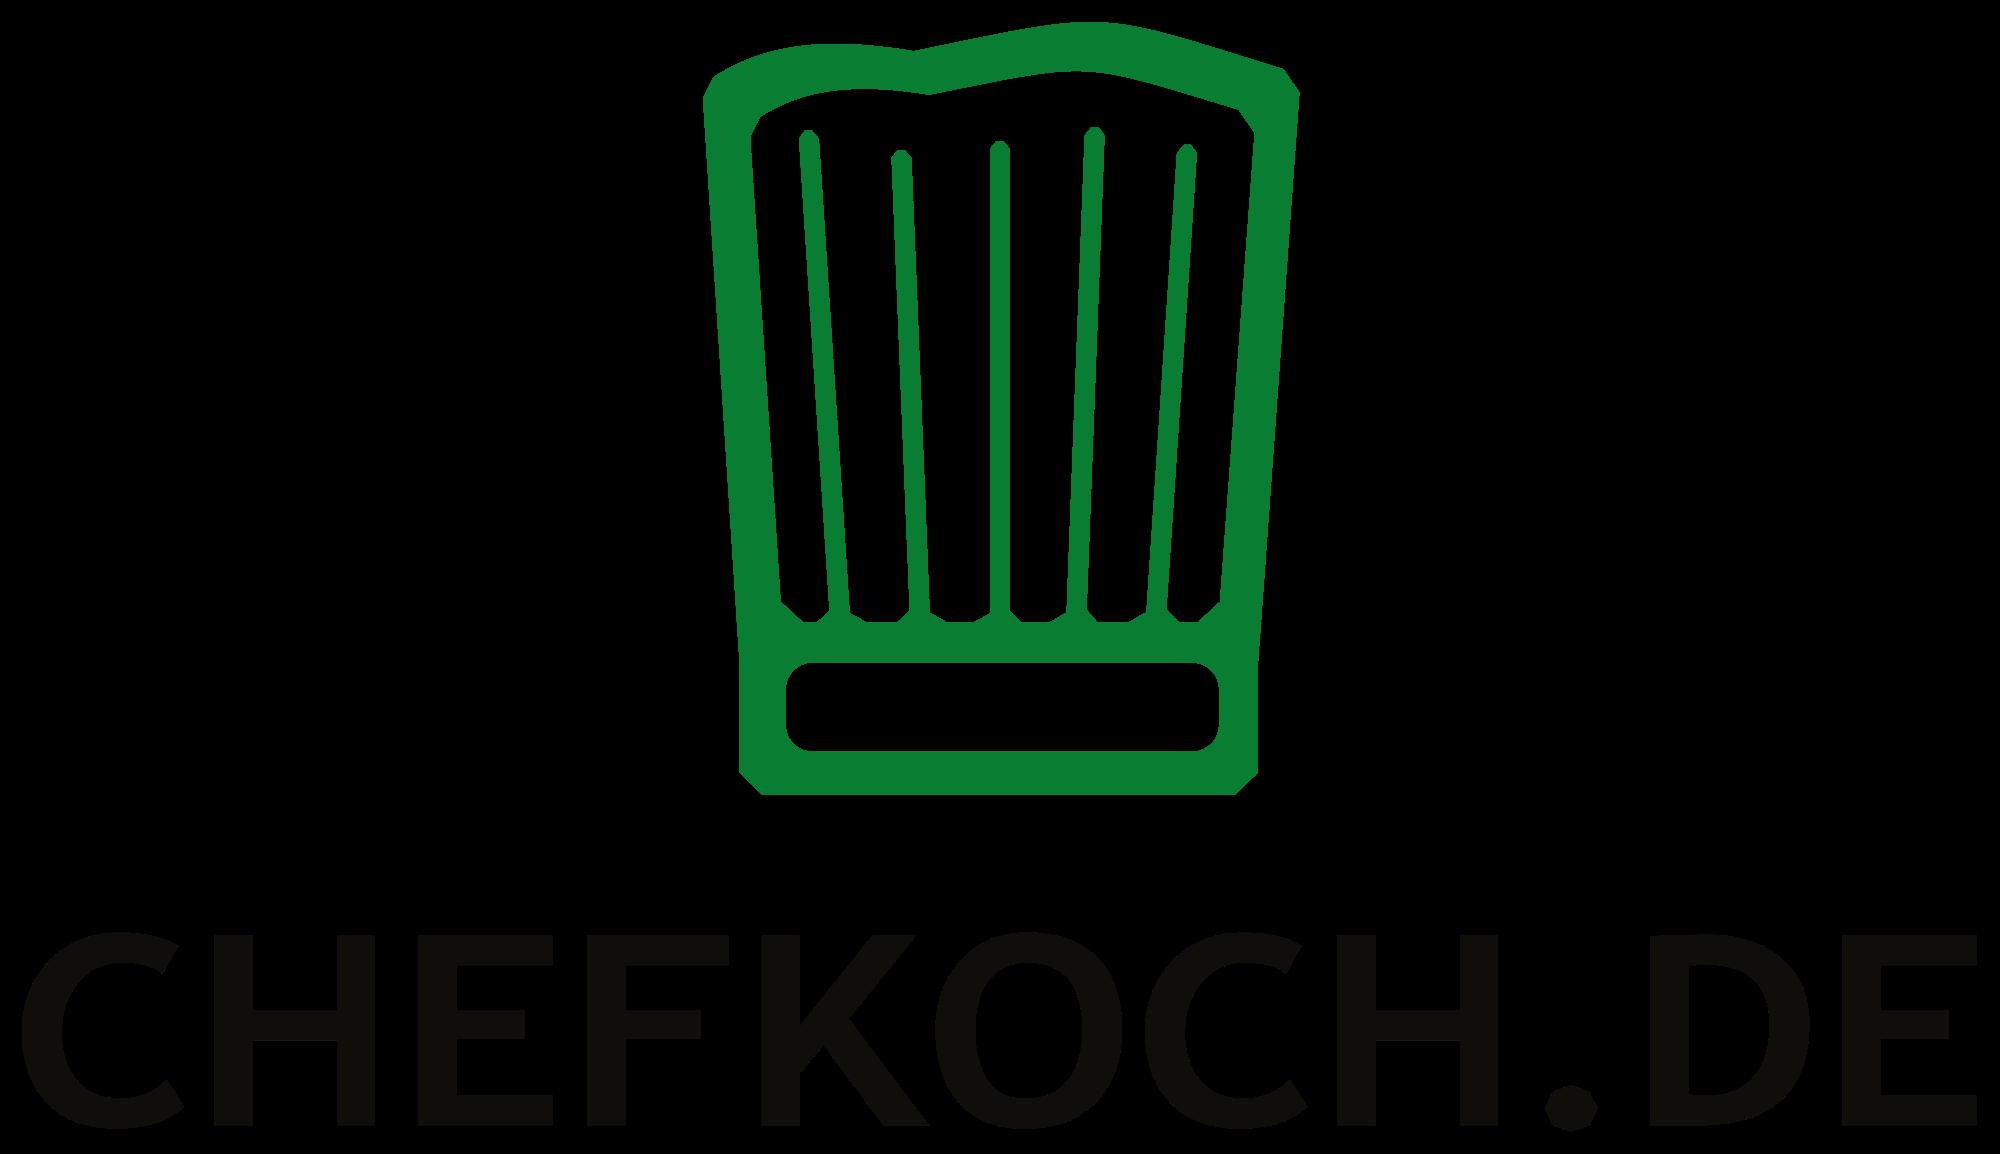 Chefkoch GmbH Logo